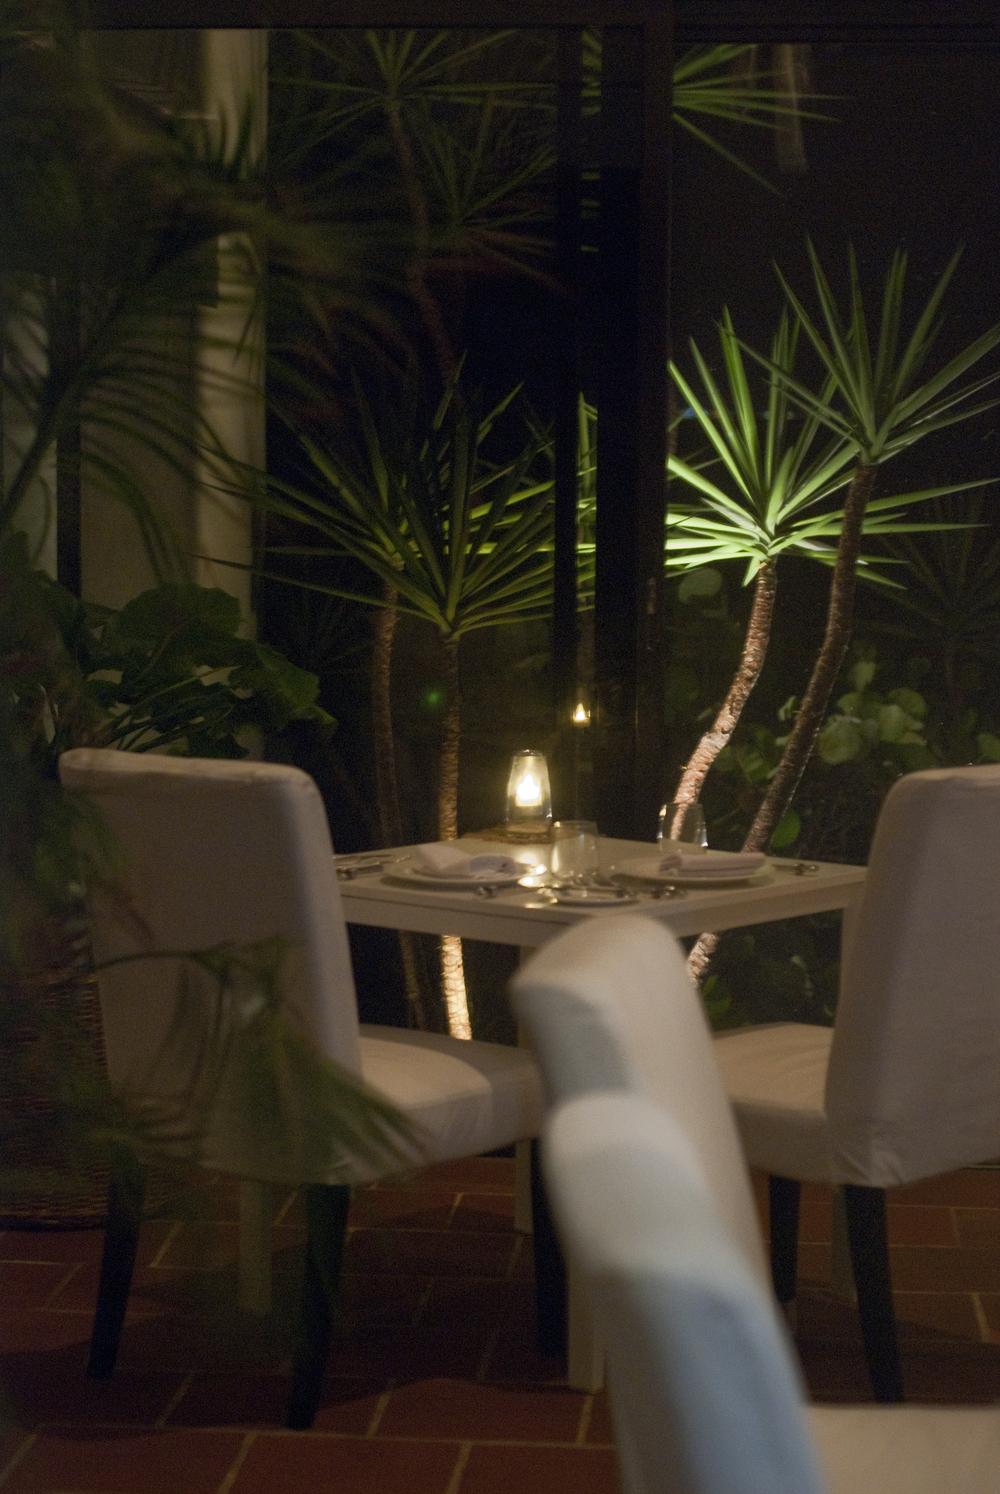 Covecastles Dinner